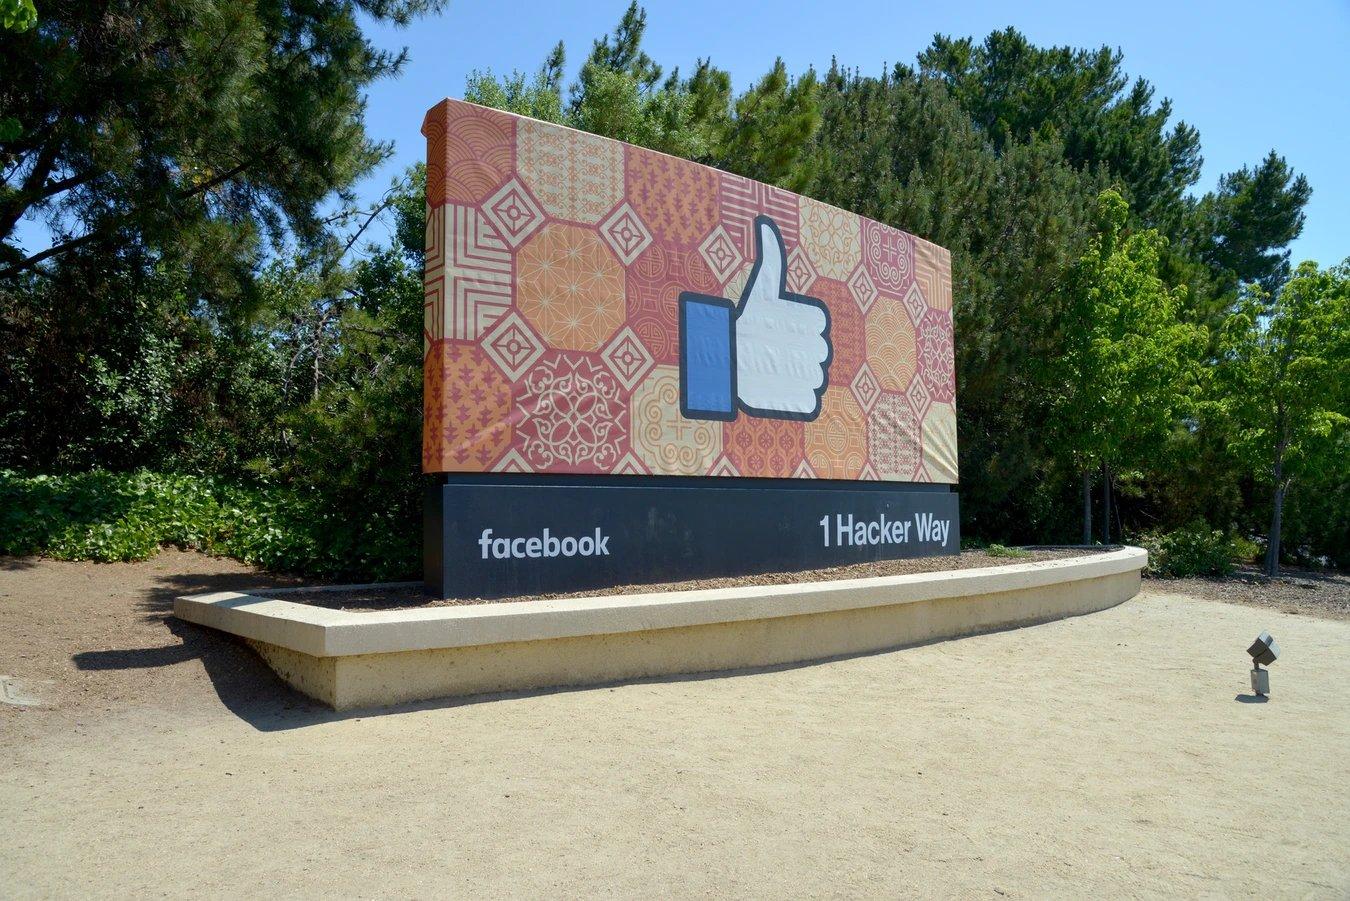 Facebook placa sede rede social